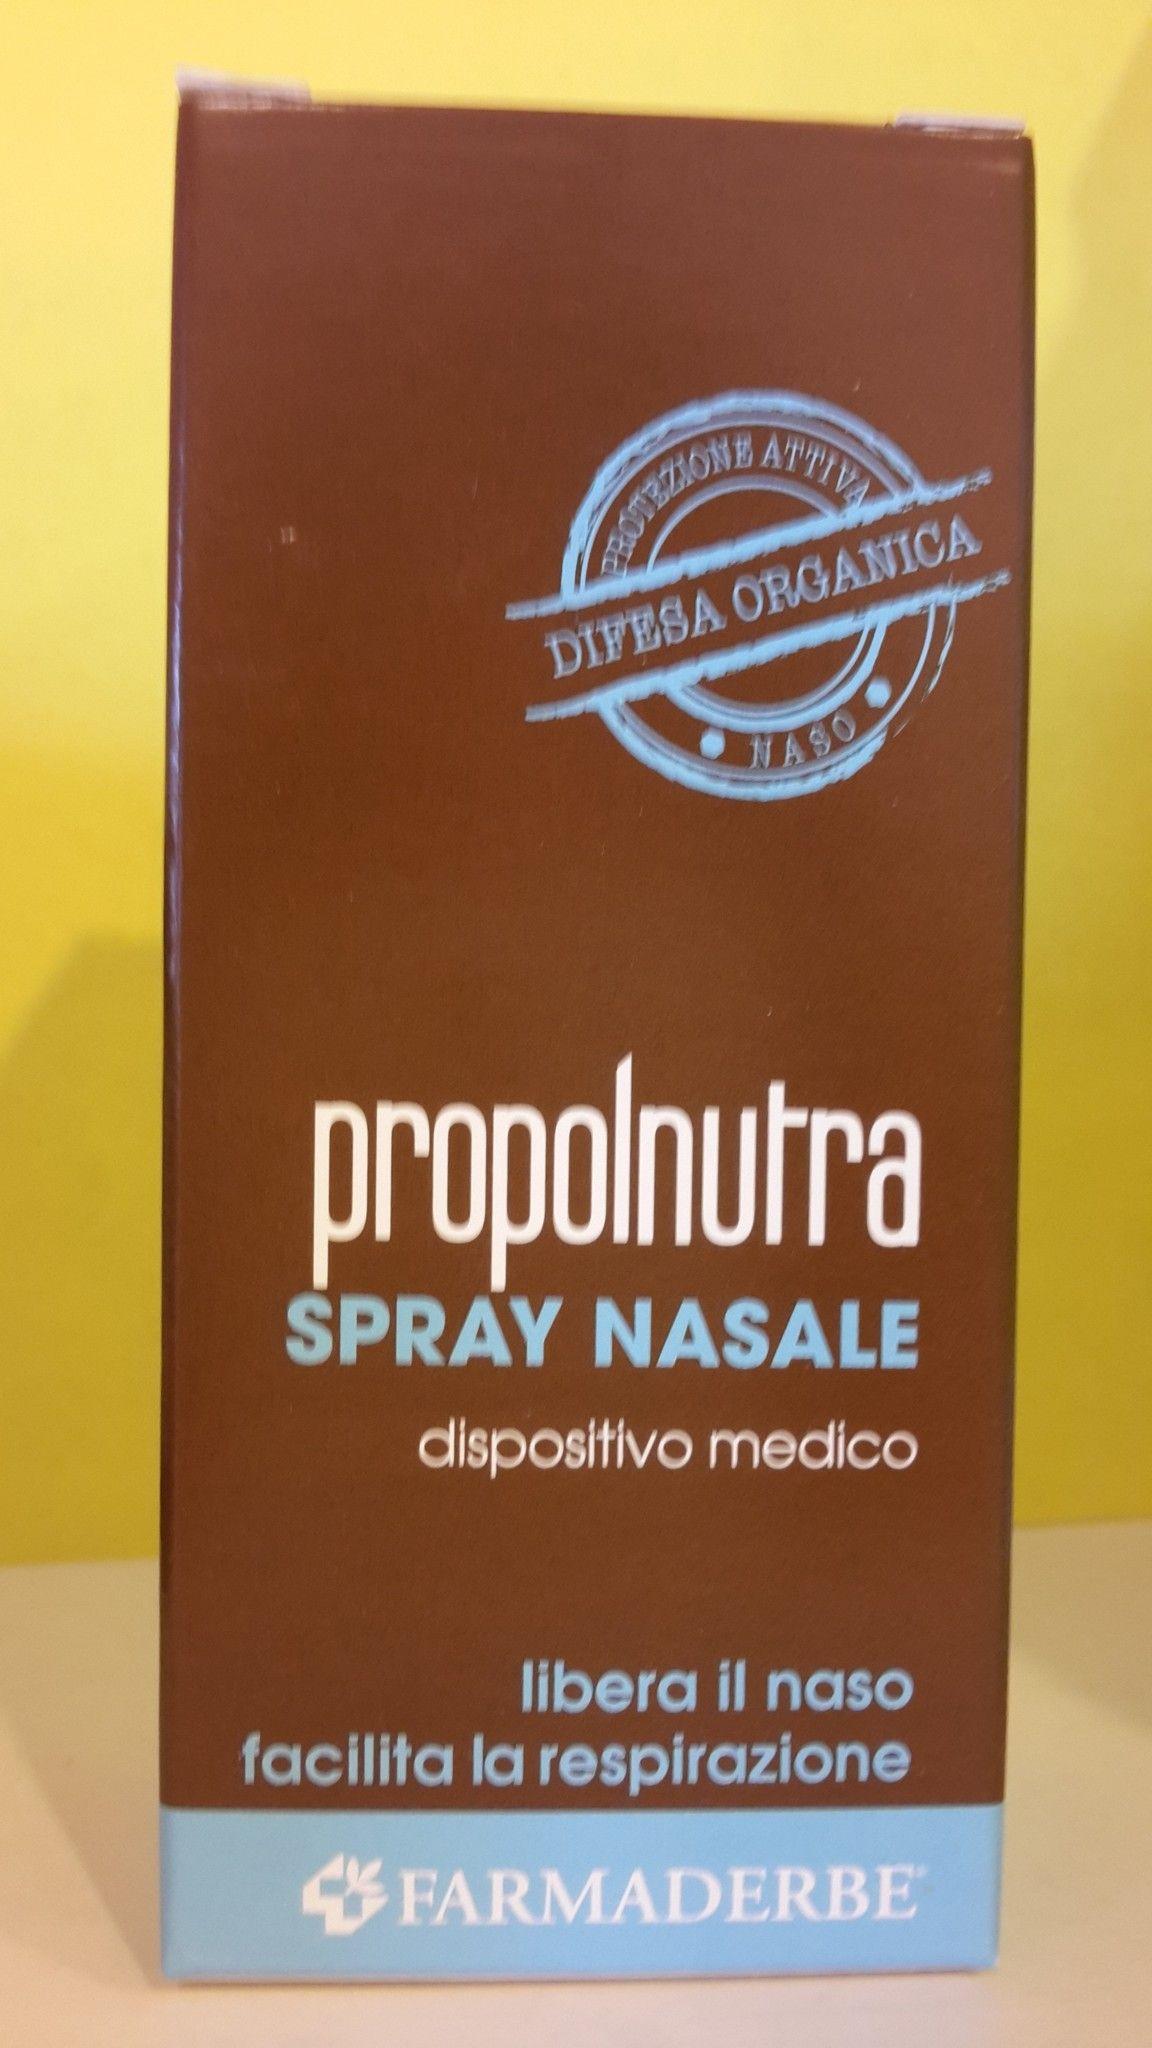 Propolnutra Sprauy Nasale 15 ml - FARMADERBE